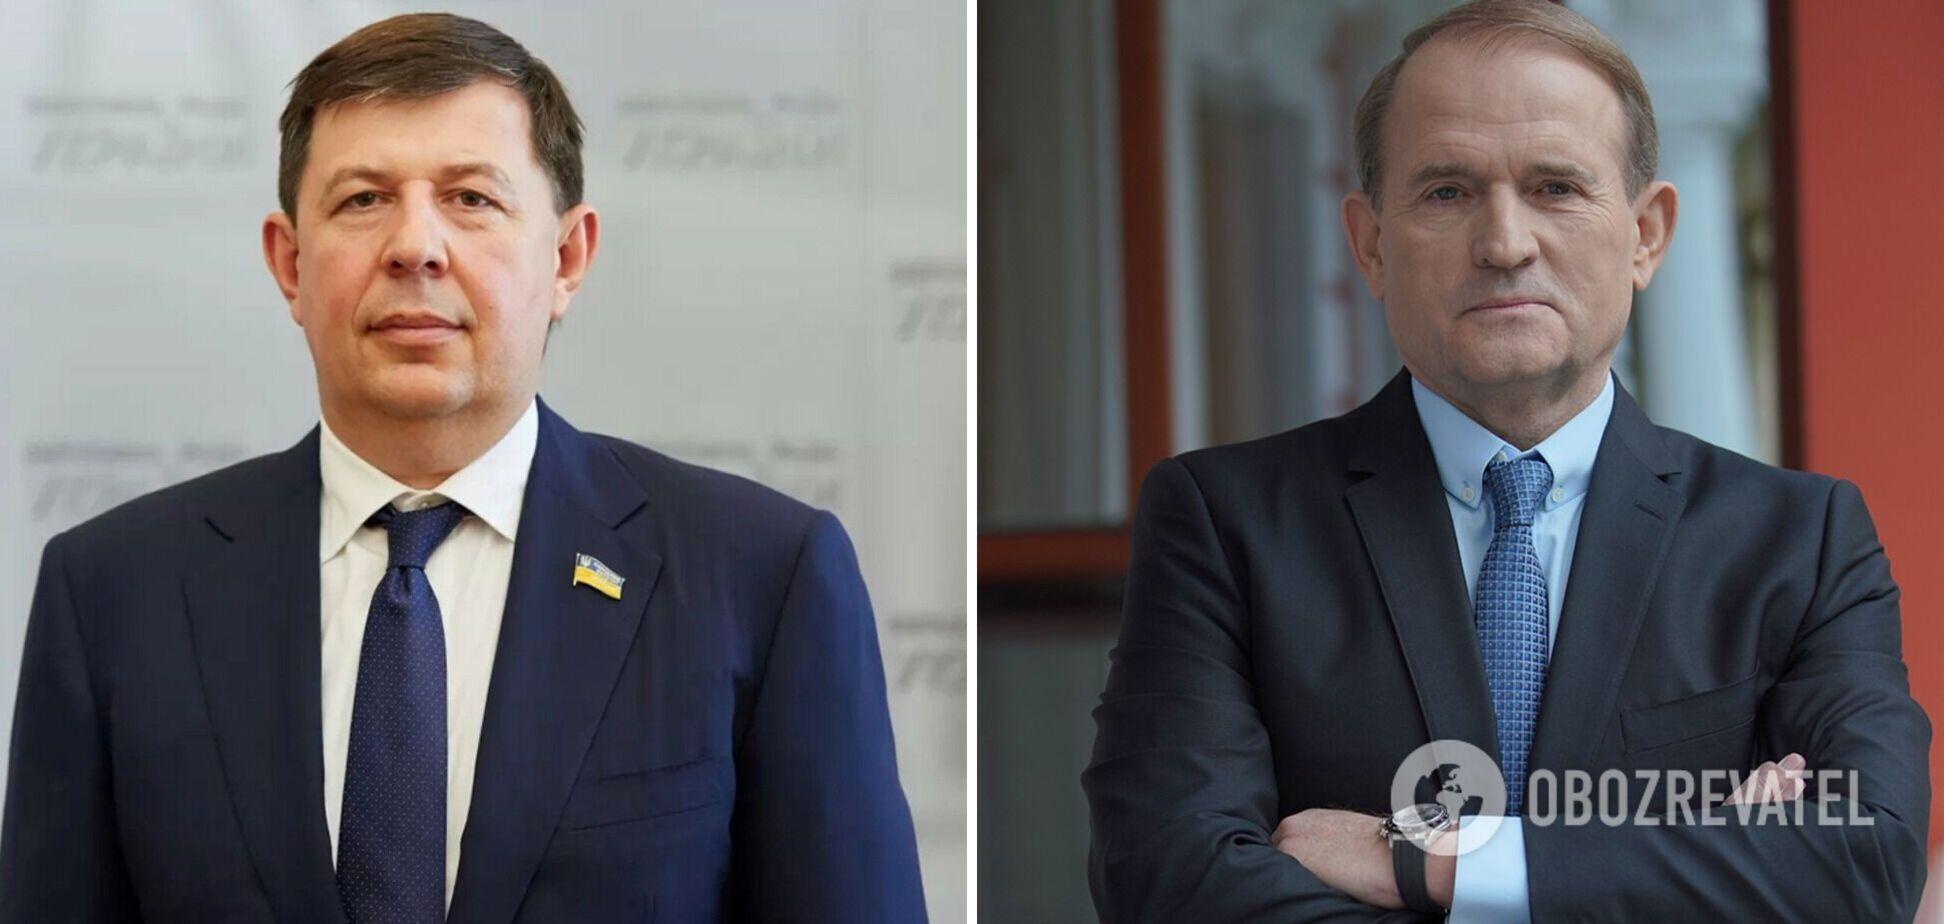 ГБР открыло уголовное дело против Медведчука и Козака за госизмену